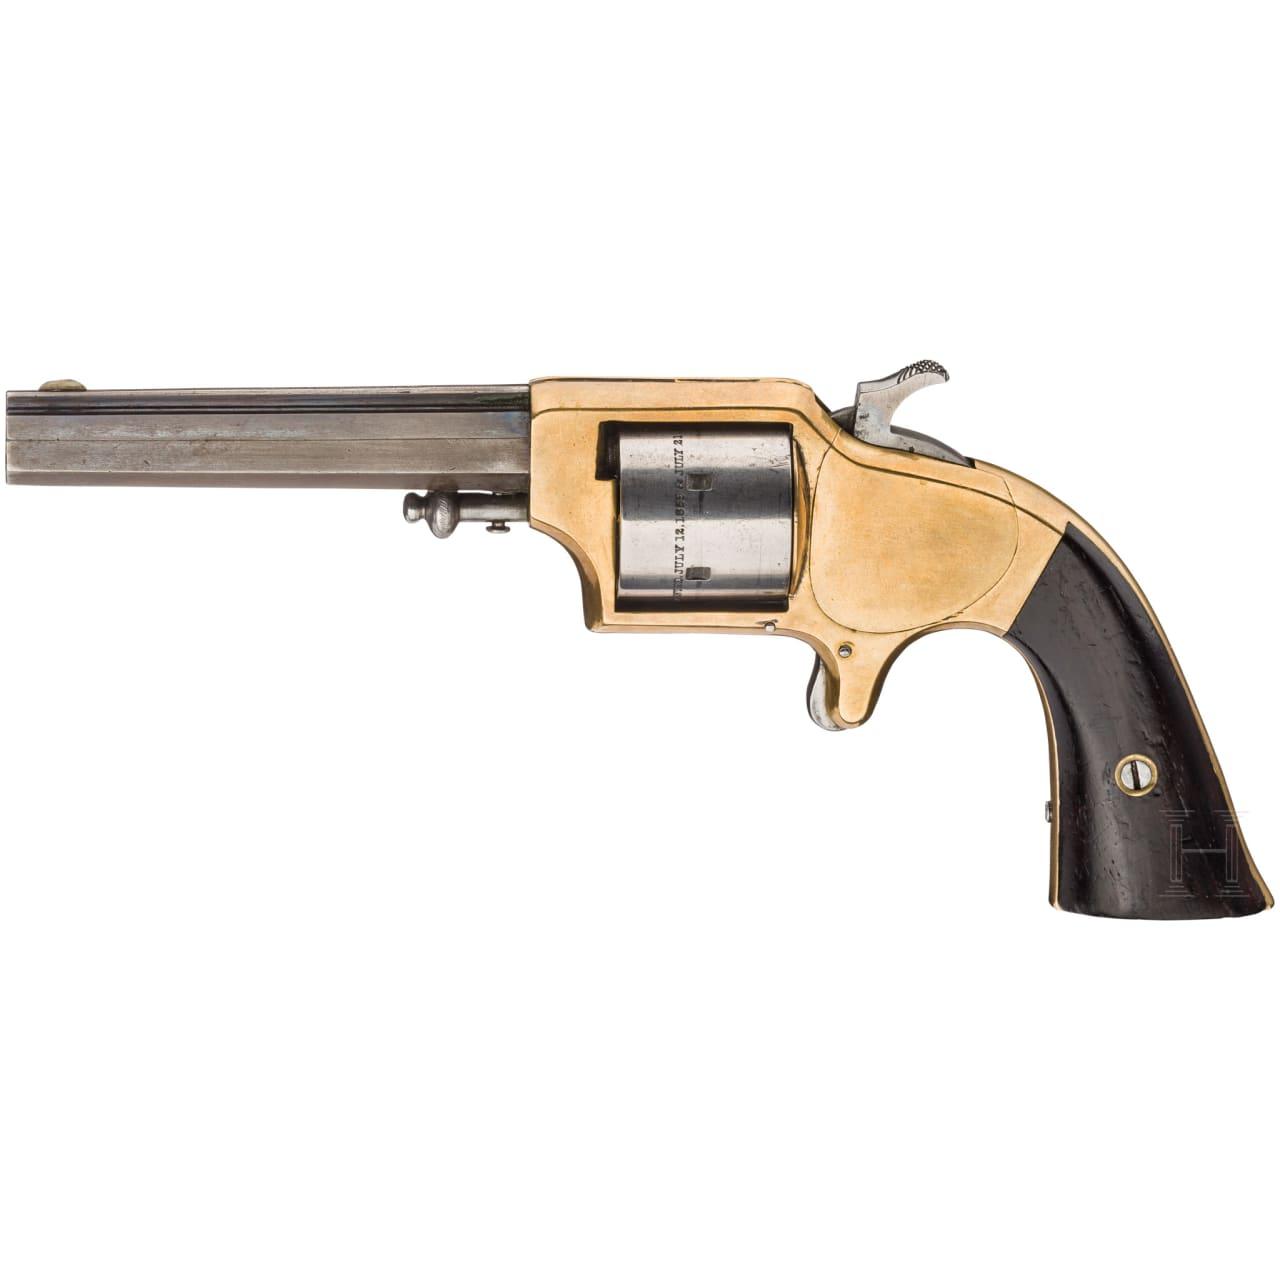 Revolver Eagle Arms Co. New York